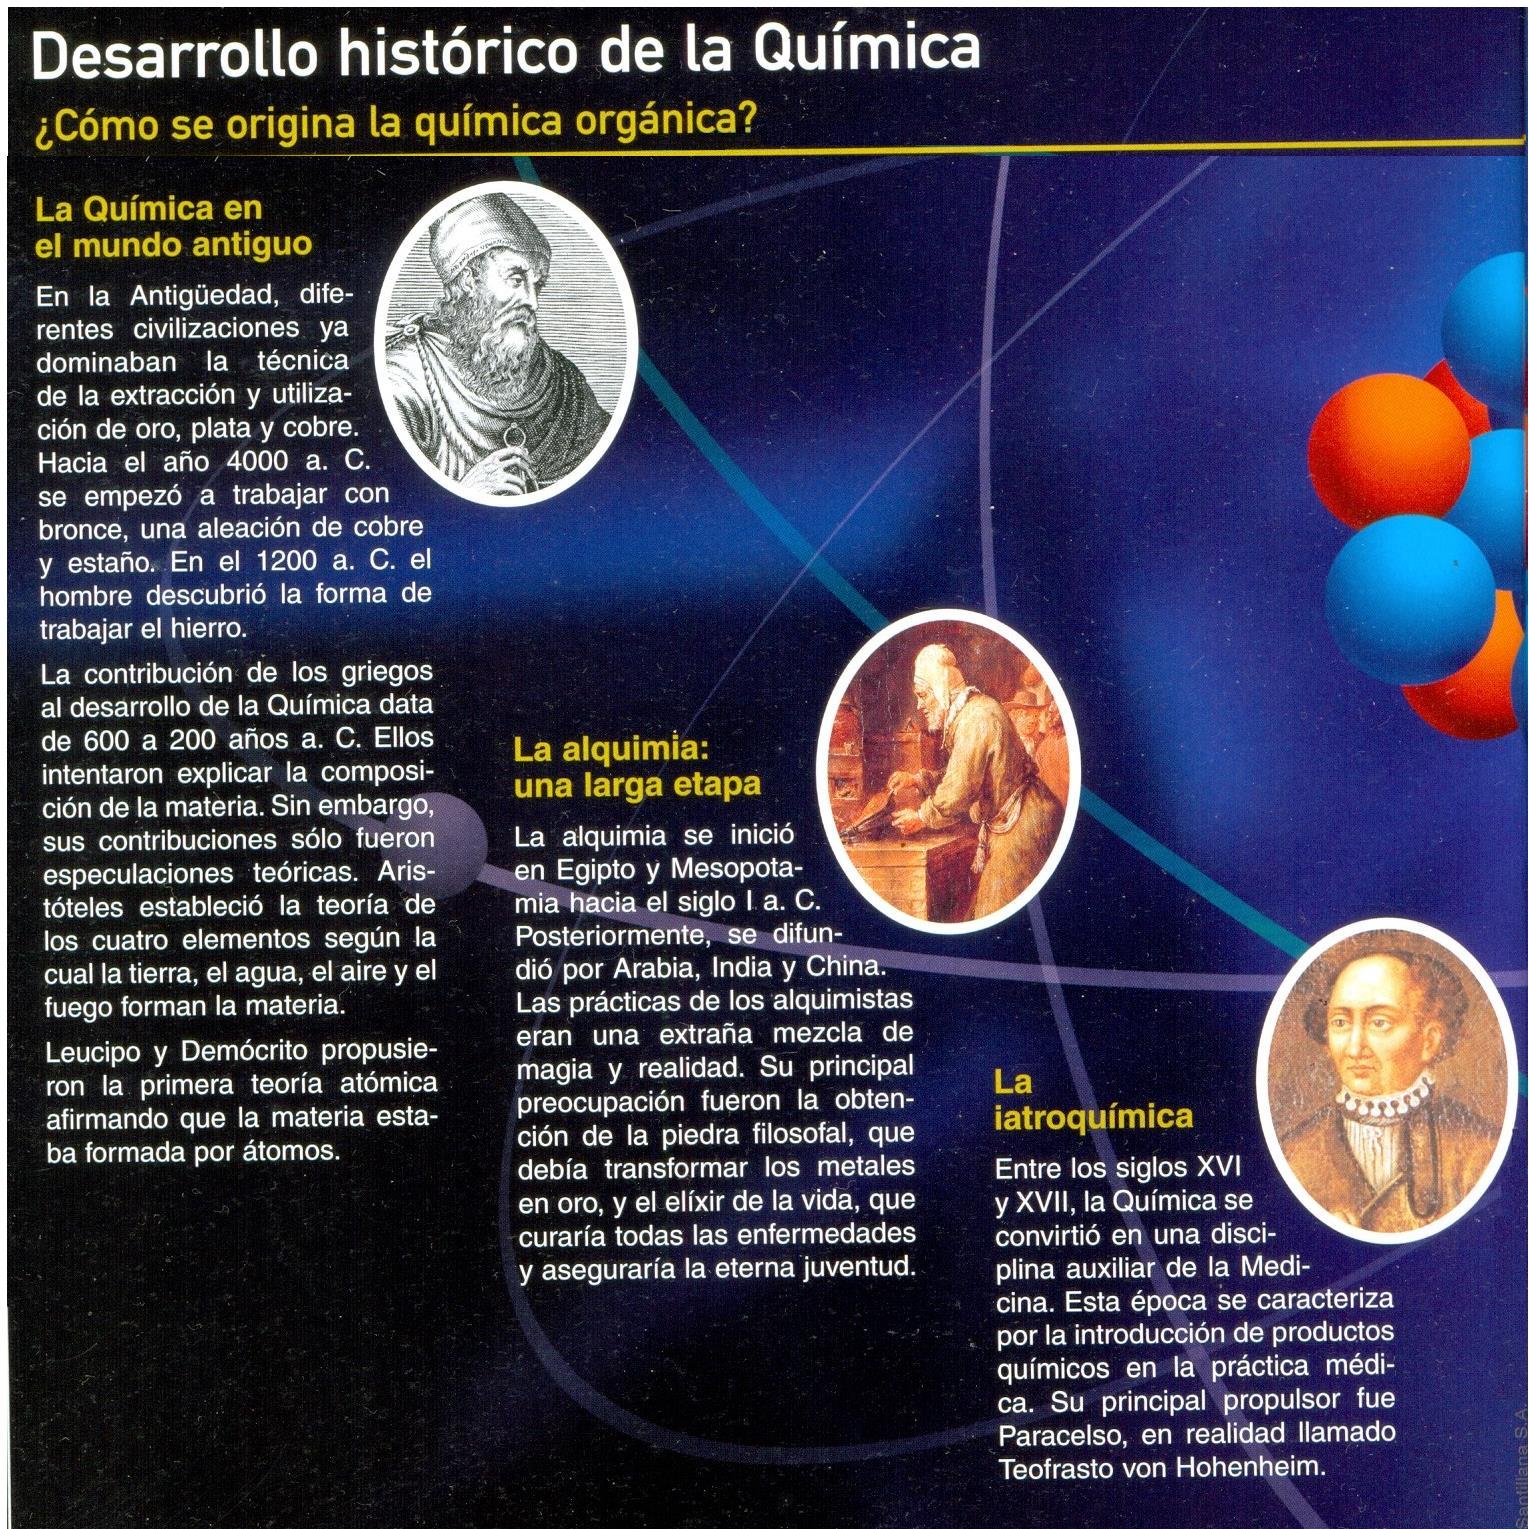 Qumica fsica 2do proyecto 2014 breve historia de la quimica breve historia de la quimica urtaz Gallery